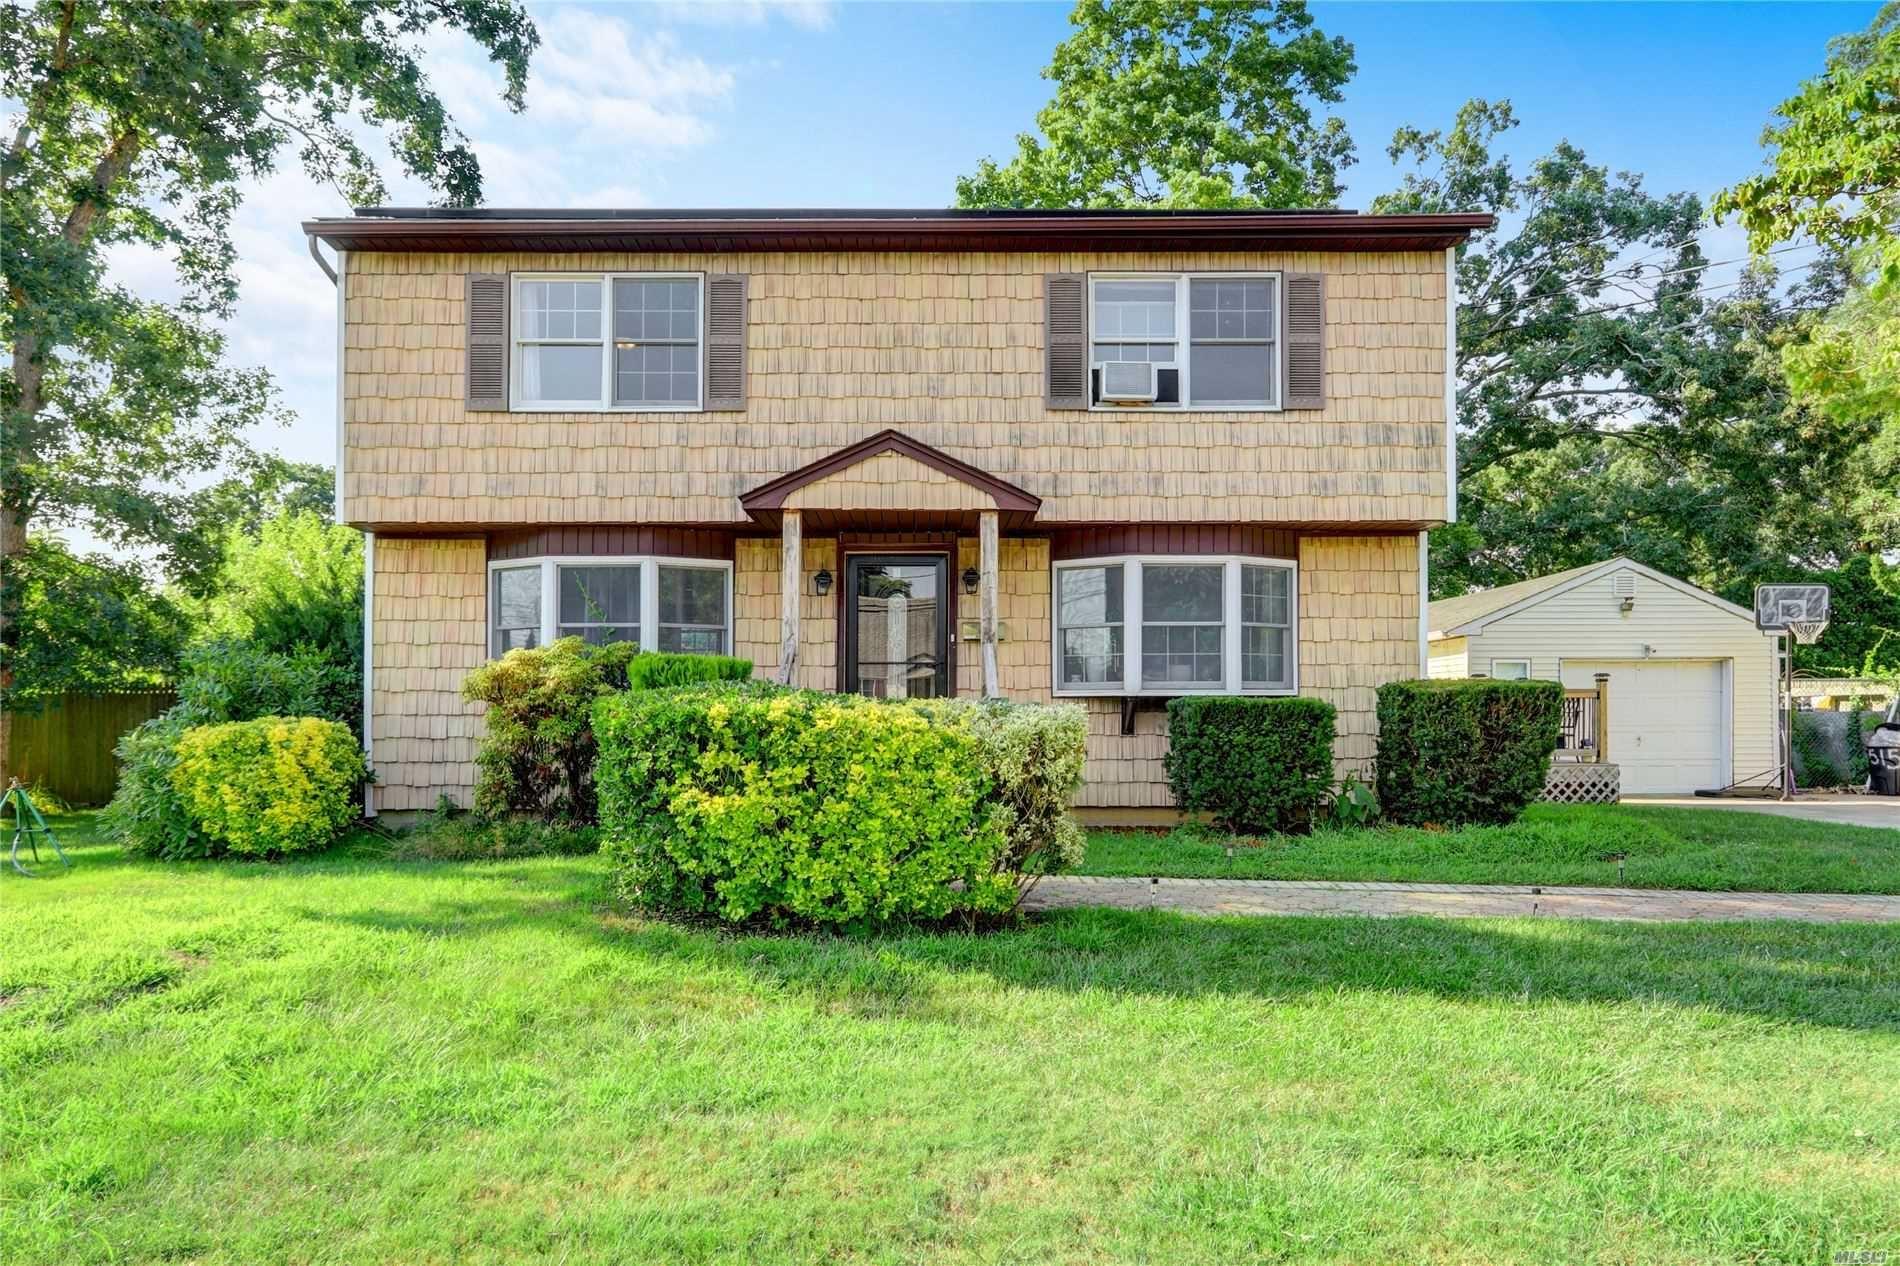 515 Cypress St, North Babylon, NY 11703 - MLS#: 3235071